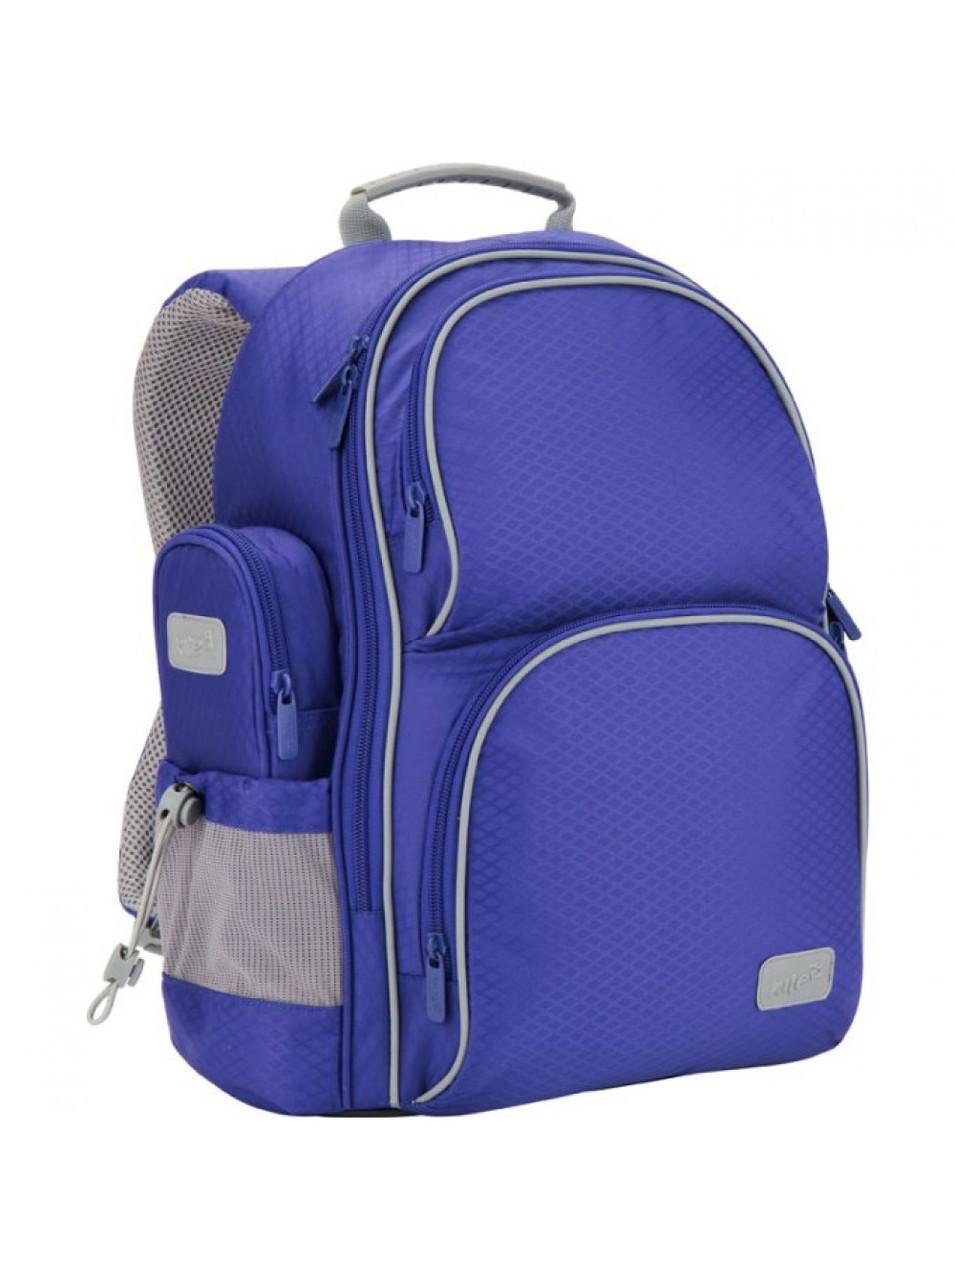 Синий школьный рюкзак Kite 702 Smart-3